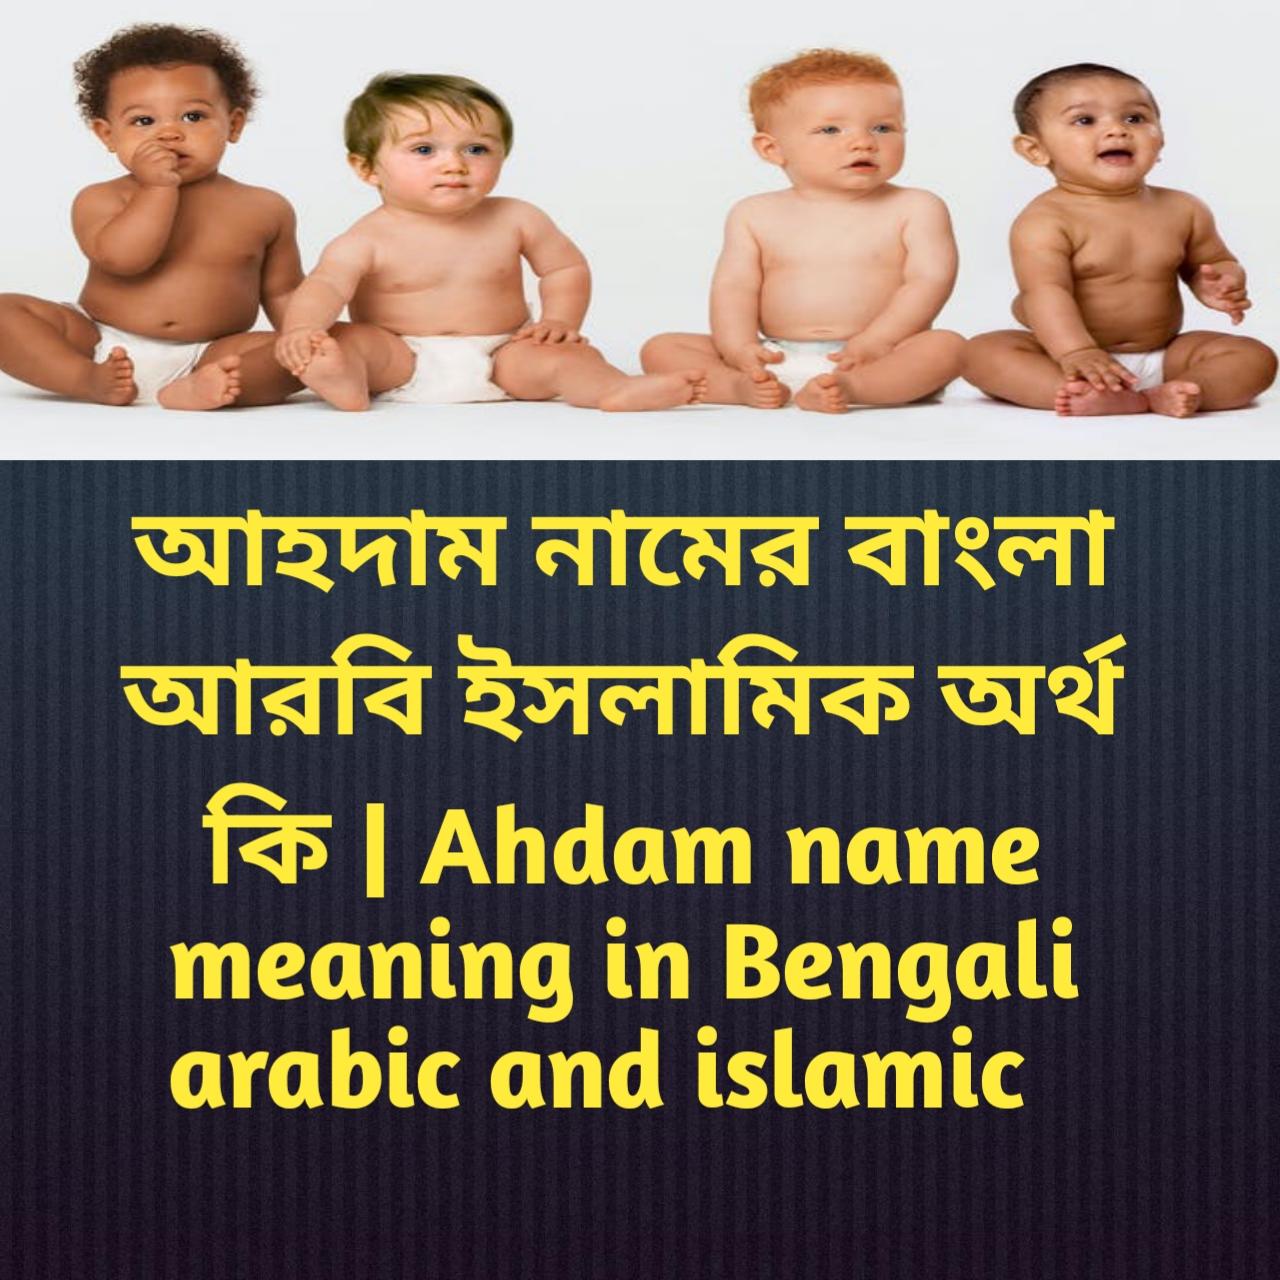 আহদাম নামের অর্থ কি, আহদাম নামের বাংলা অর্থ কি, আহদাম নামের ইসলামিক অর্থ কি, Ahdam name meaning in Bengali, আহদাম কি ইসলামিক নাম,